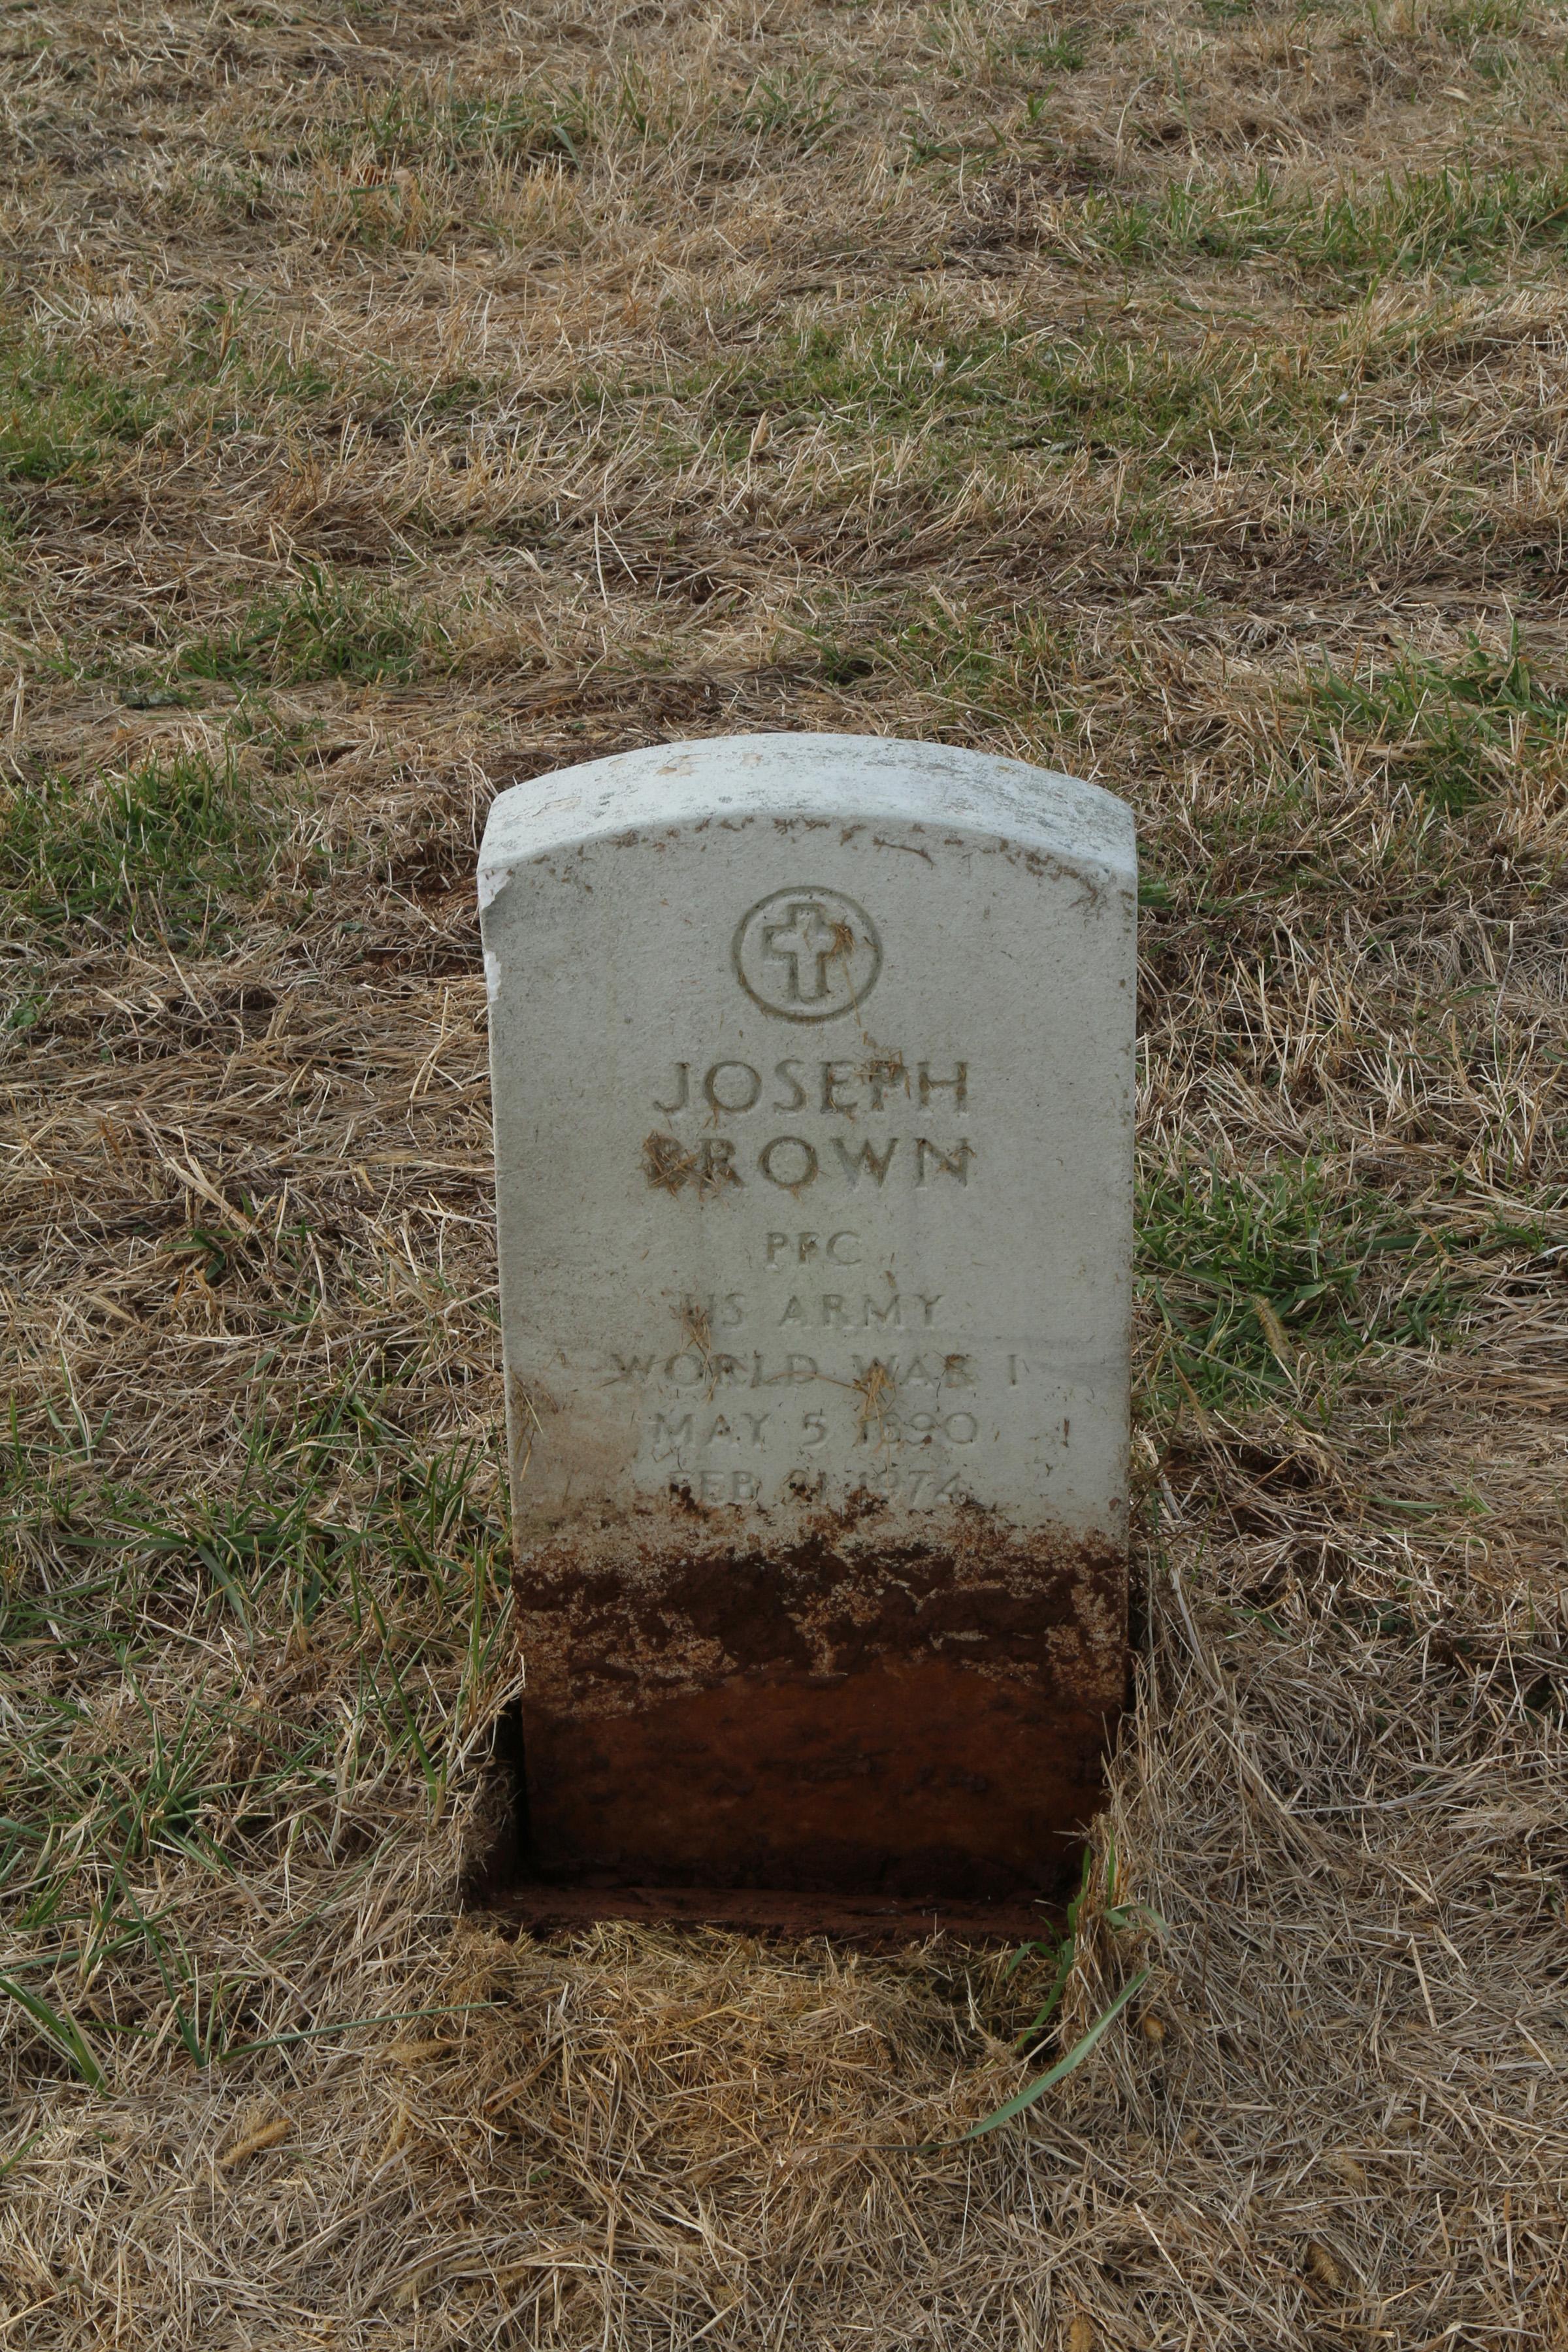 Pfc. Joseph Brown